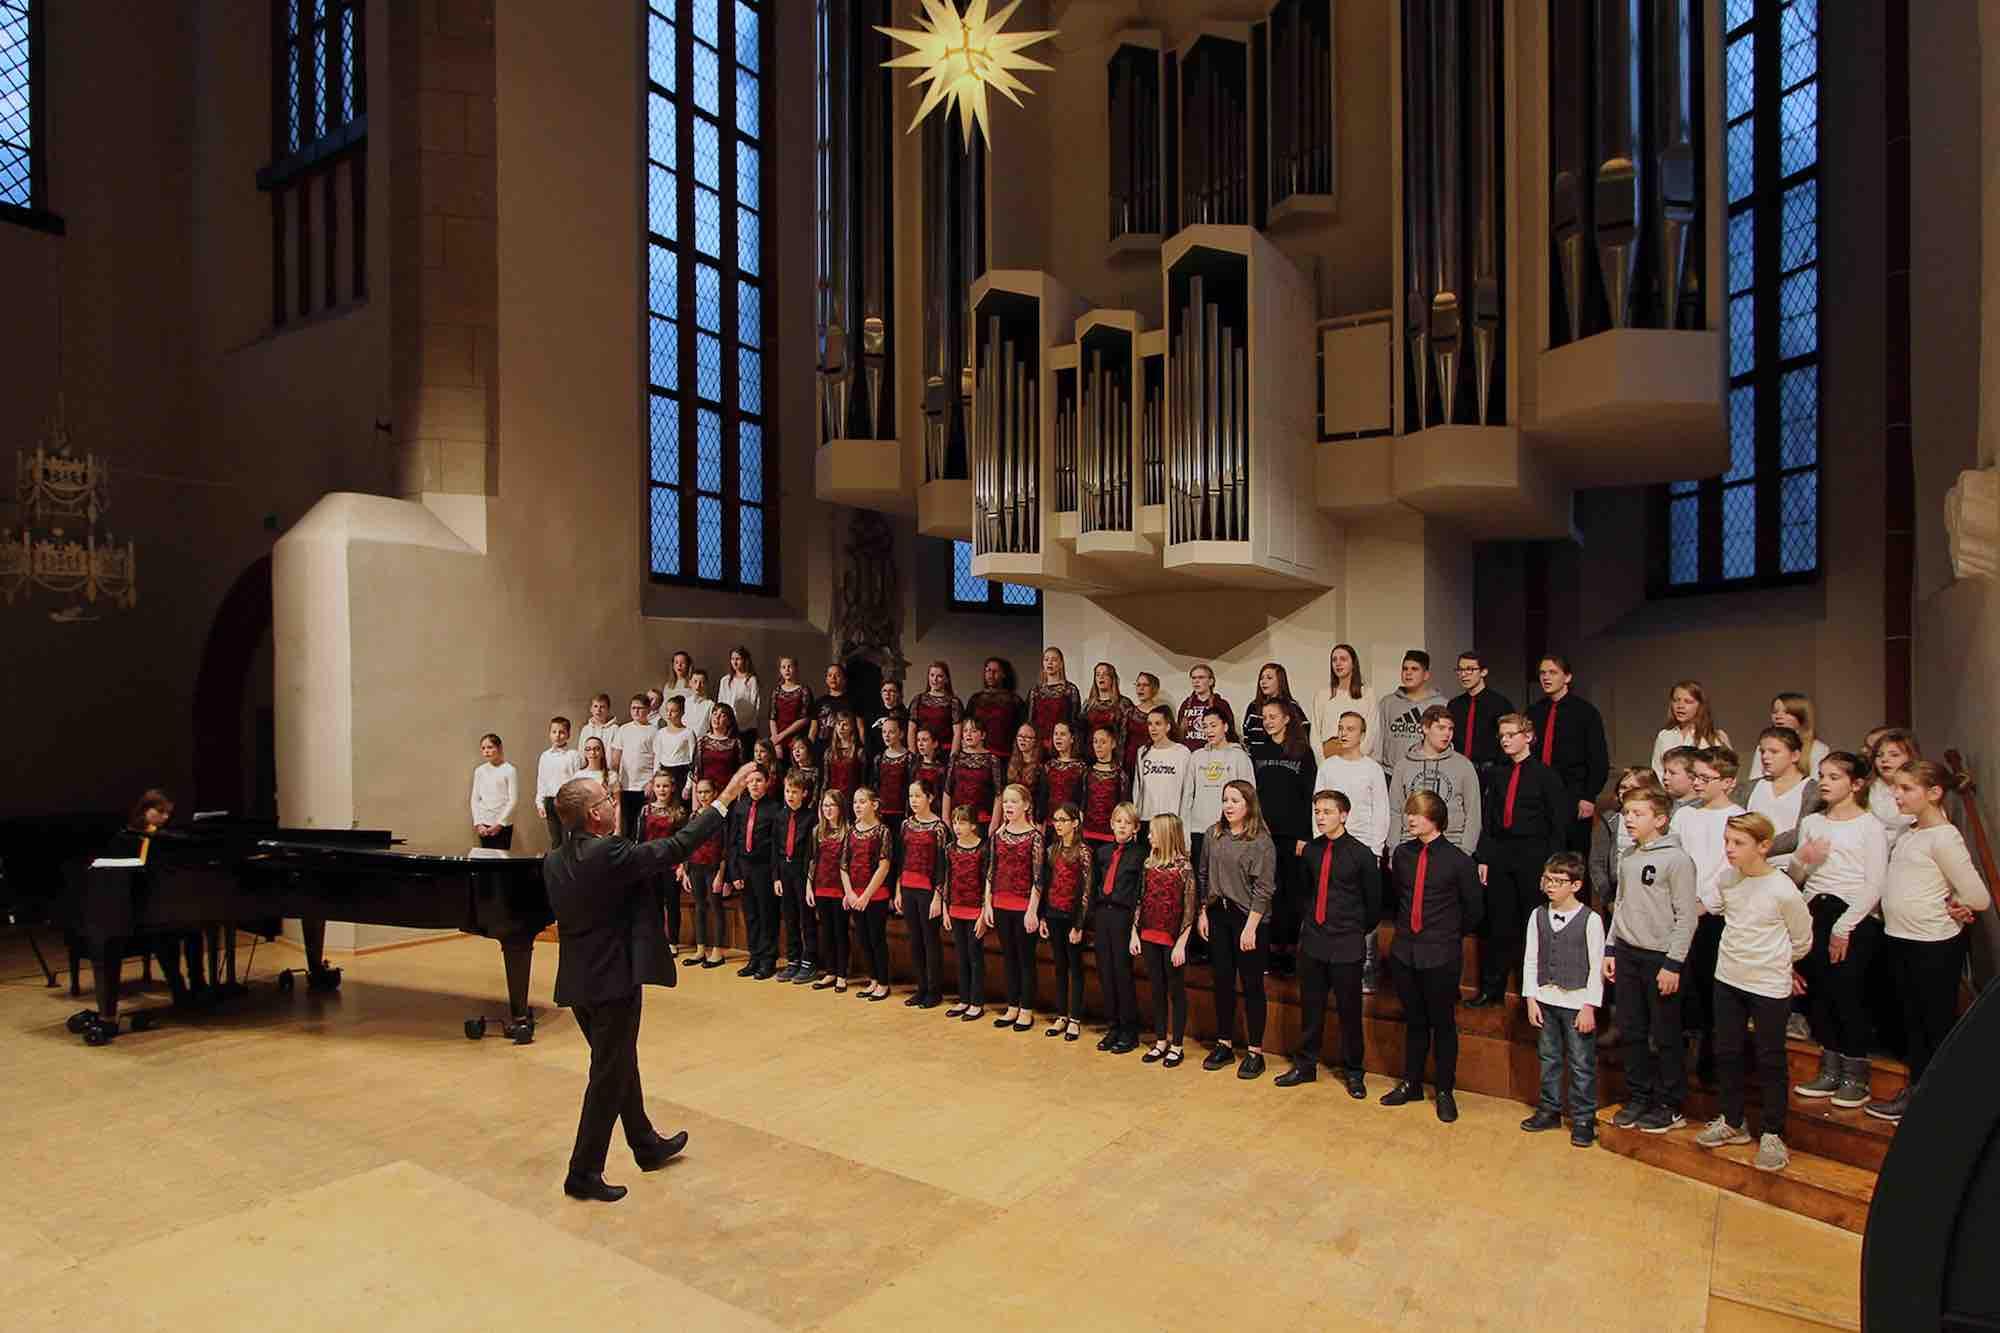 Huttenchor, Weihnachtskonzert, Konzerthalle